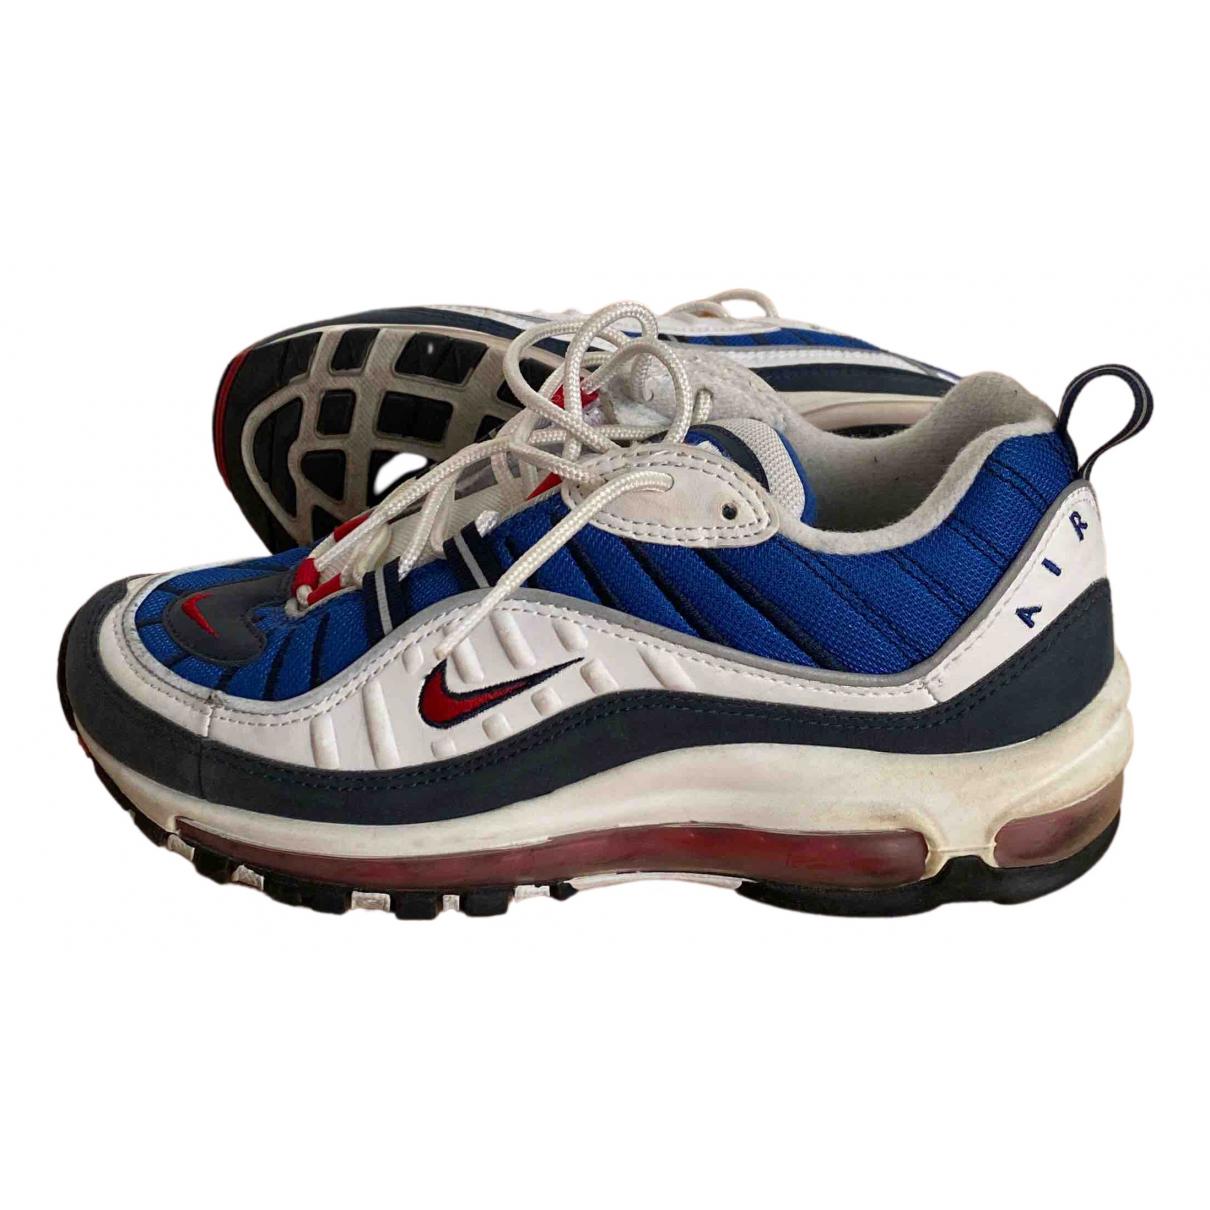 Nike - Baskets Air Max 98 pour femme en caoutchouc - bleu